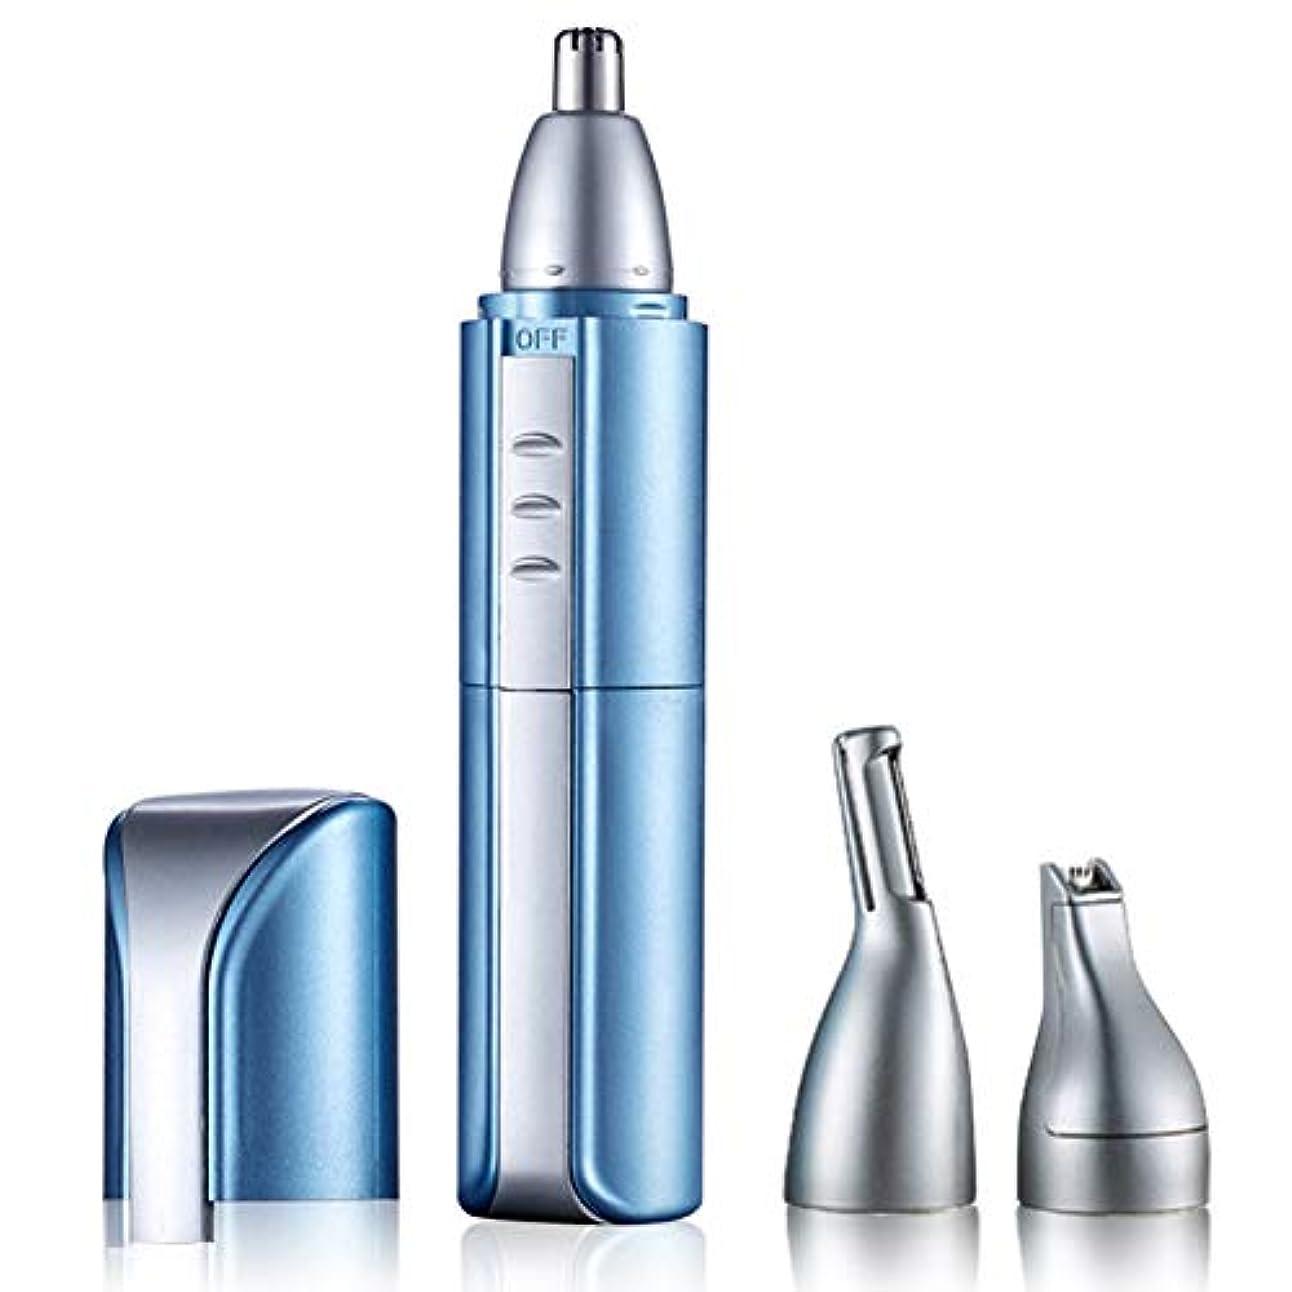 調整可能特徴参照男性/女性の顔のケア、洗える乾いた乾いた二重使用のための鼻のヘアトリマー3-in-1鼻の耳と眉毛のヘアトリマー(USB充電式)